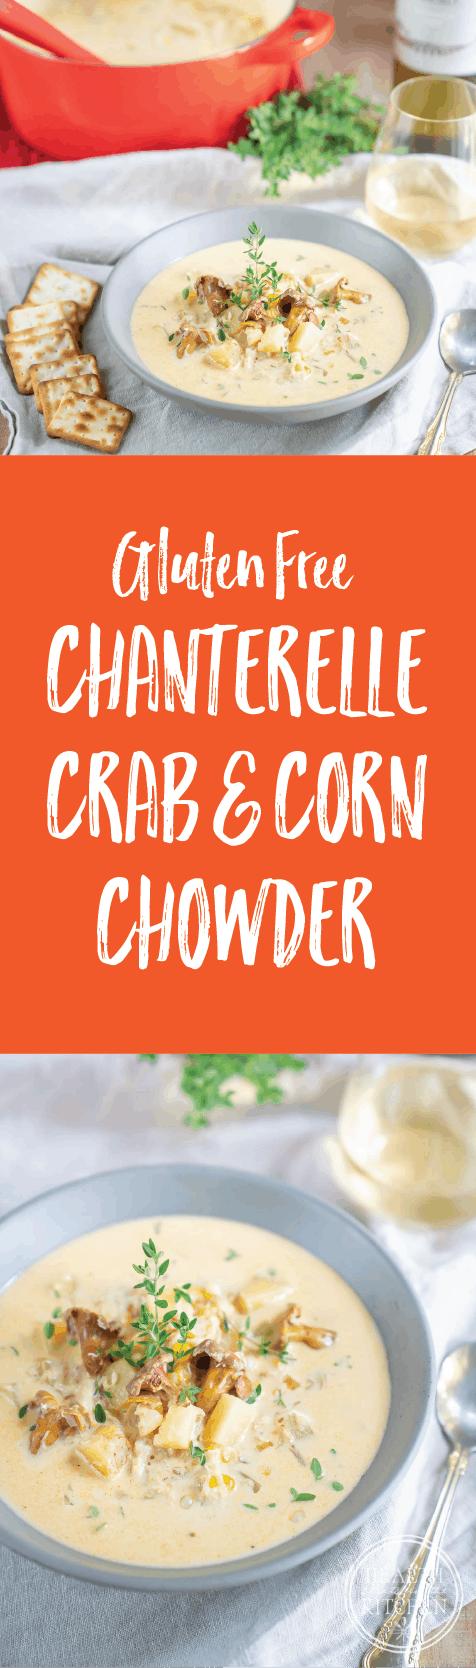 Gluten Free Chanterelle Crab Corn Chowder